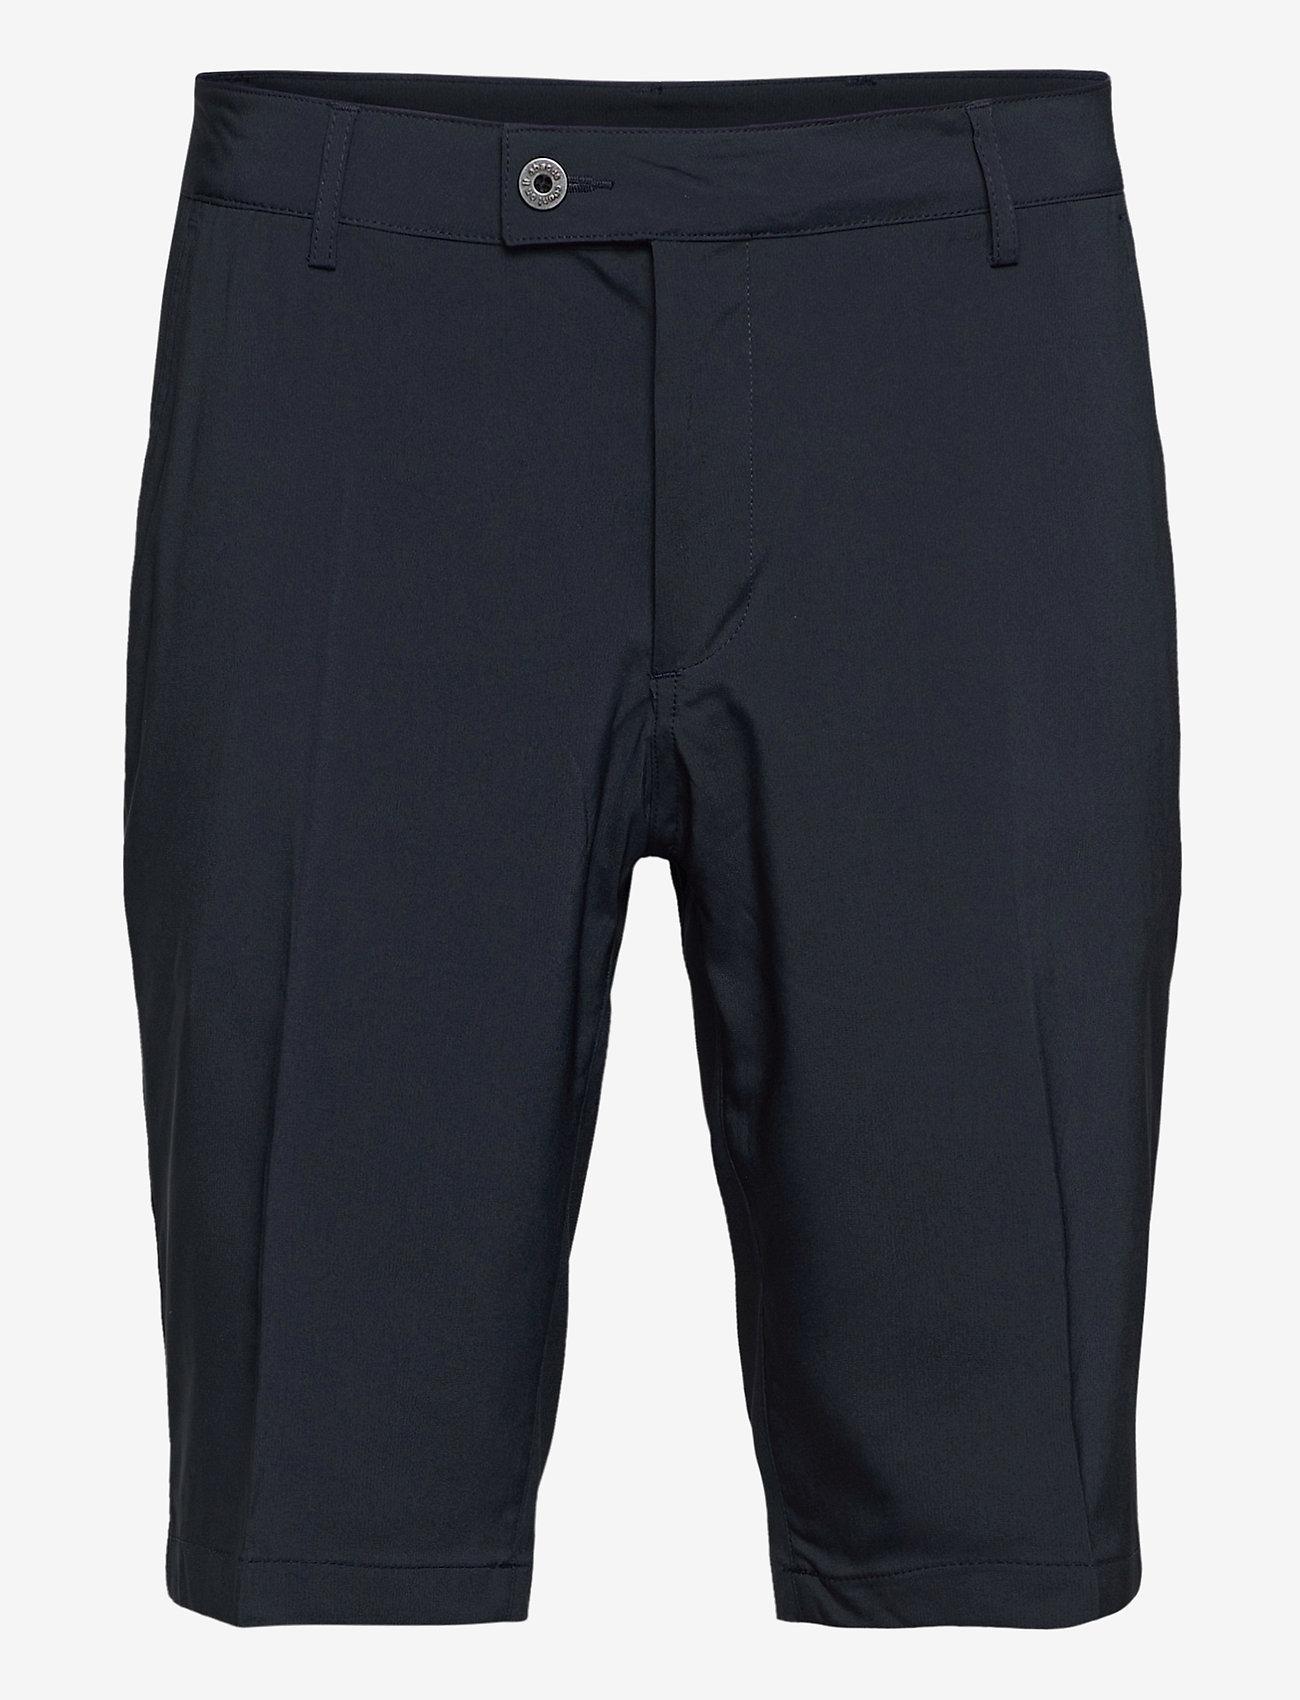 Abacus - Mens Cleek stretch shorts - golfbroeken - navy - 0